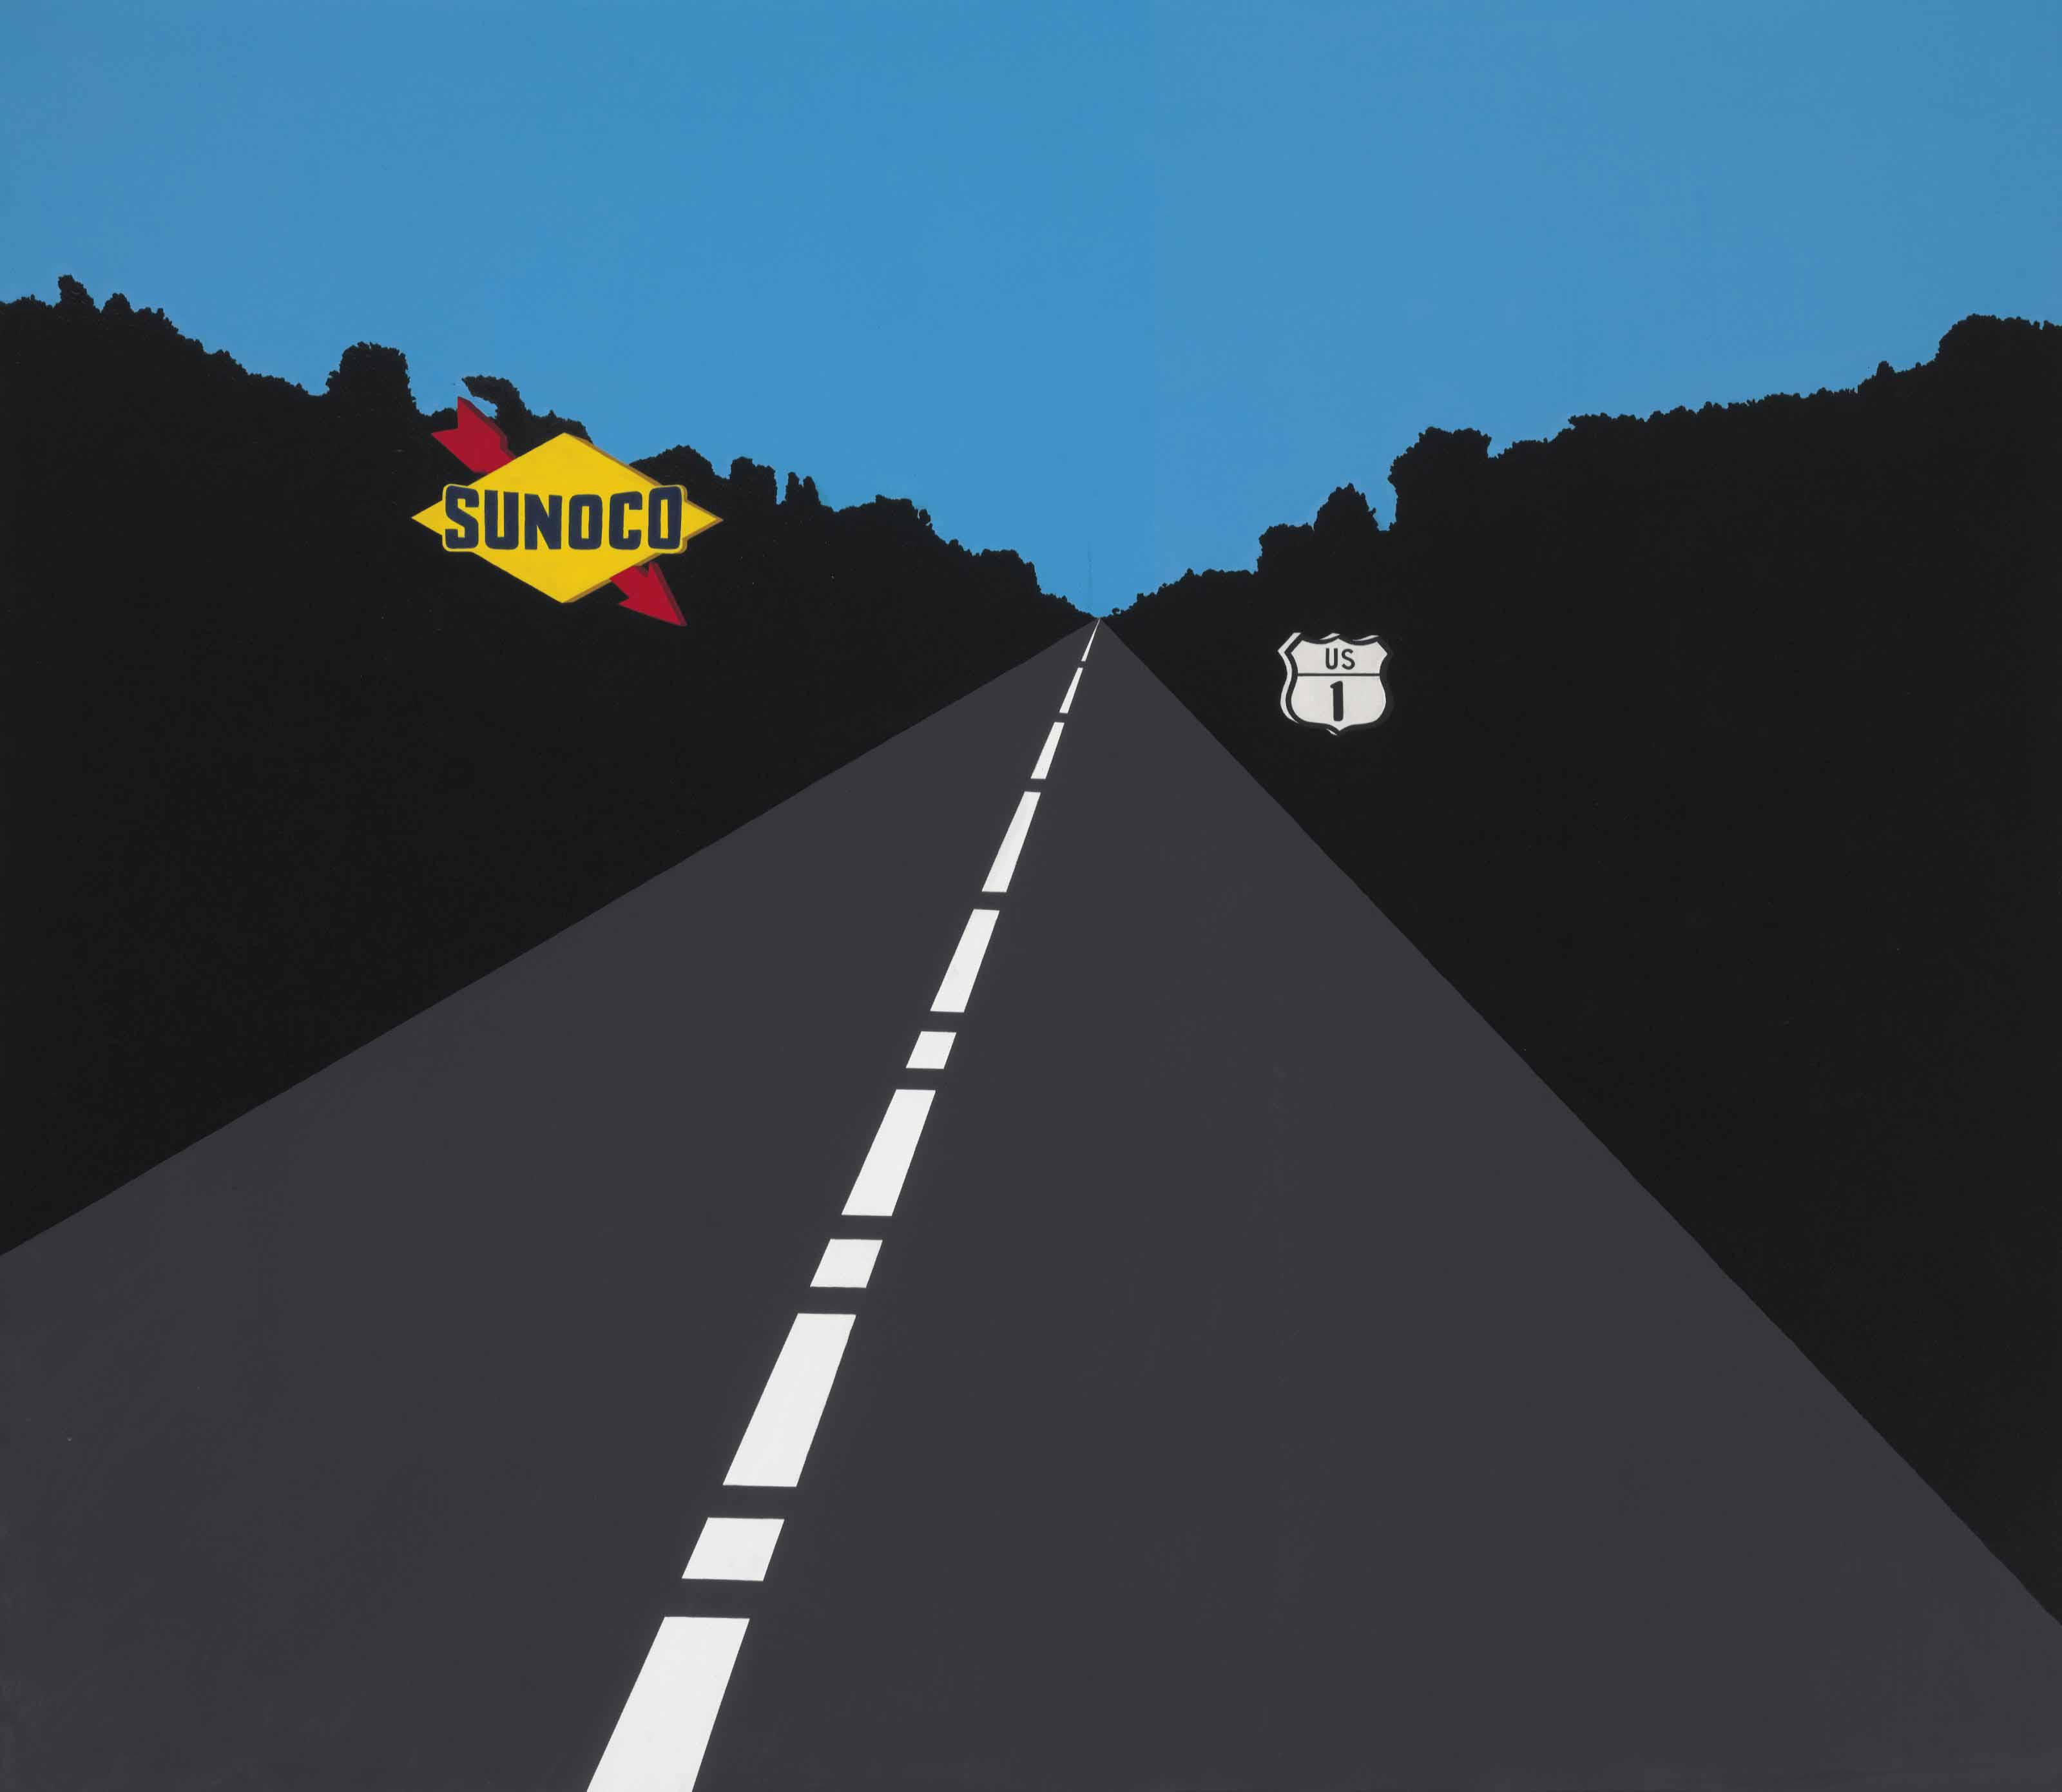 U.S. Highway I